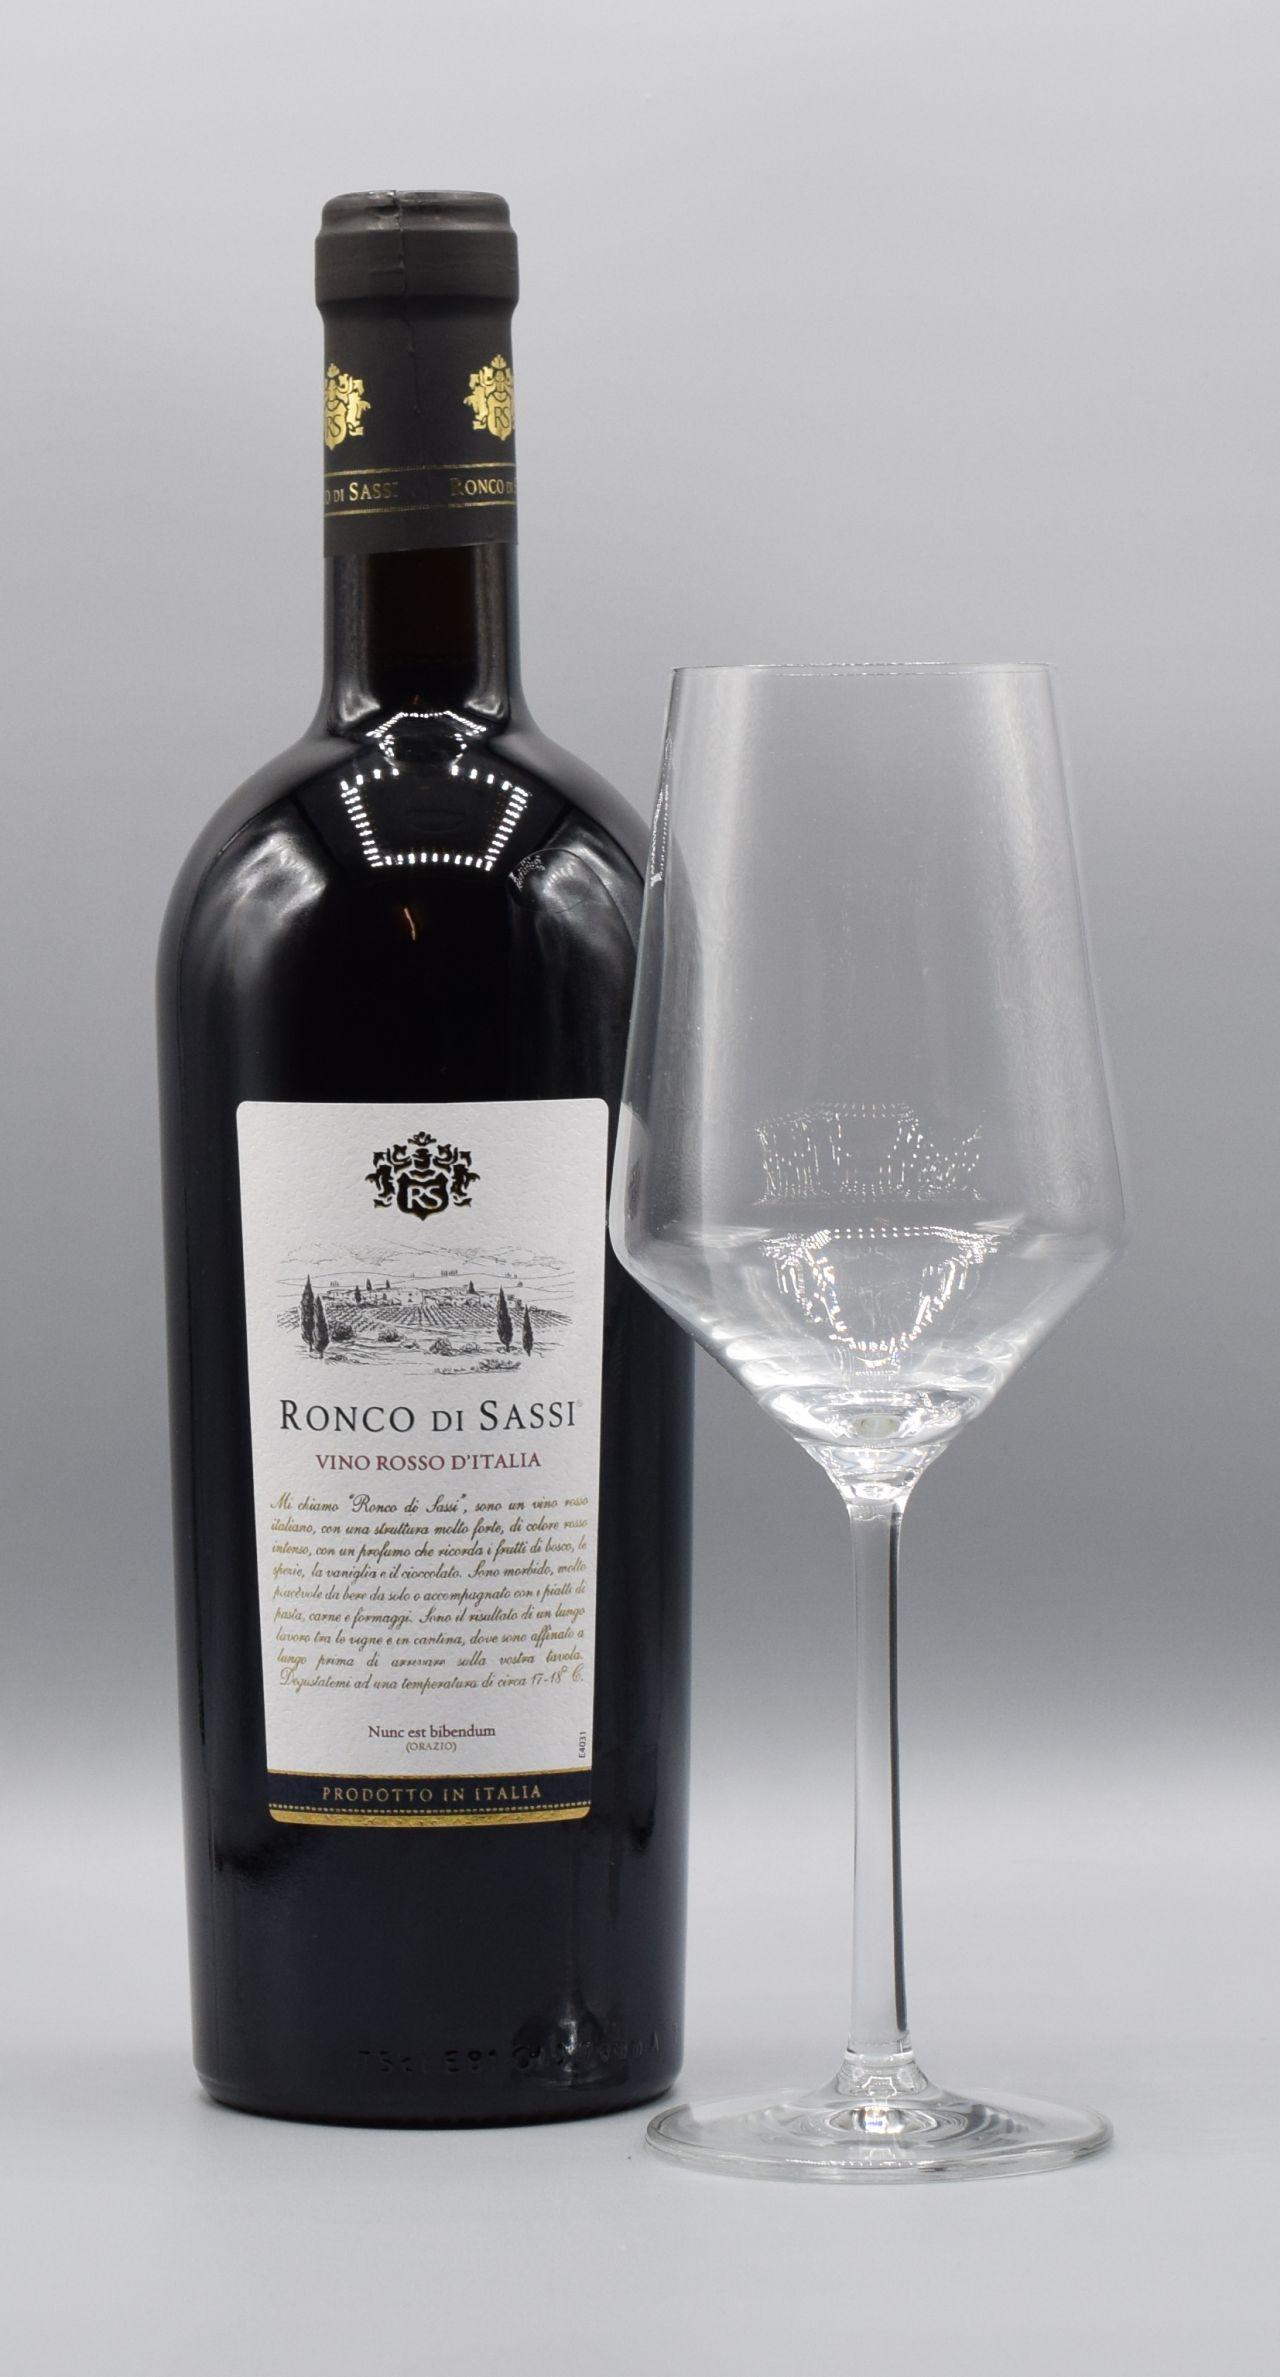 Ronco di Sassi Vino Rosso d'Italia